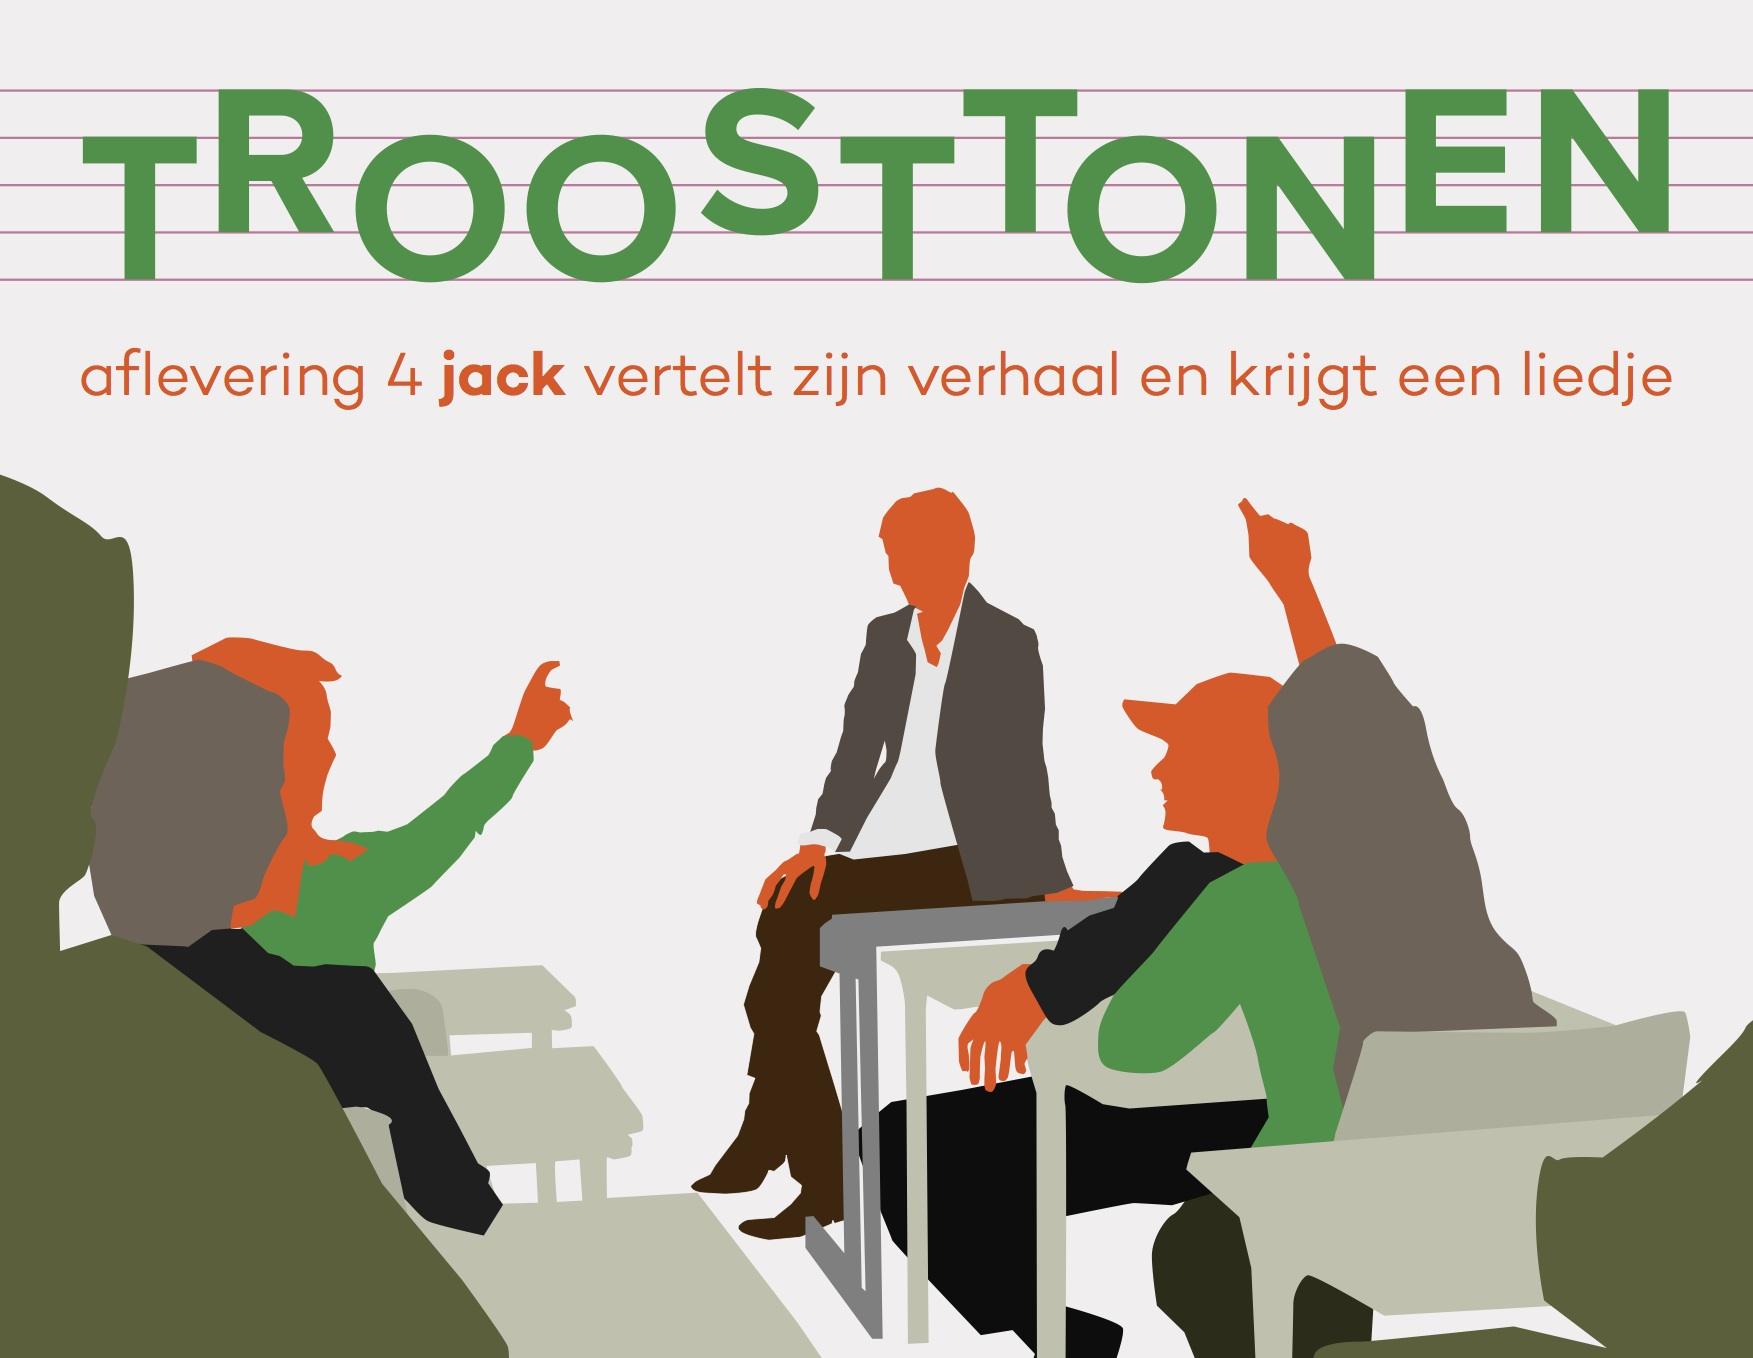 Jack, deel 4 van Troosttonen